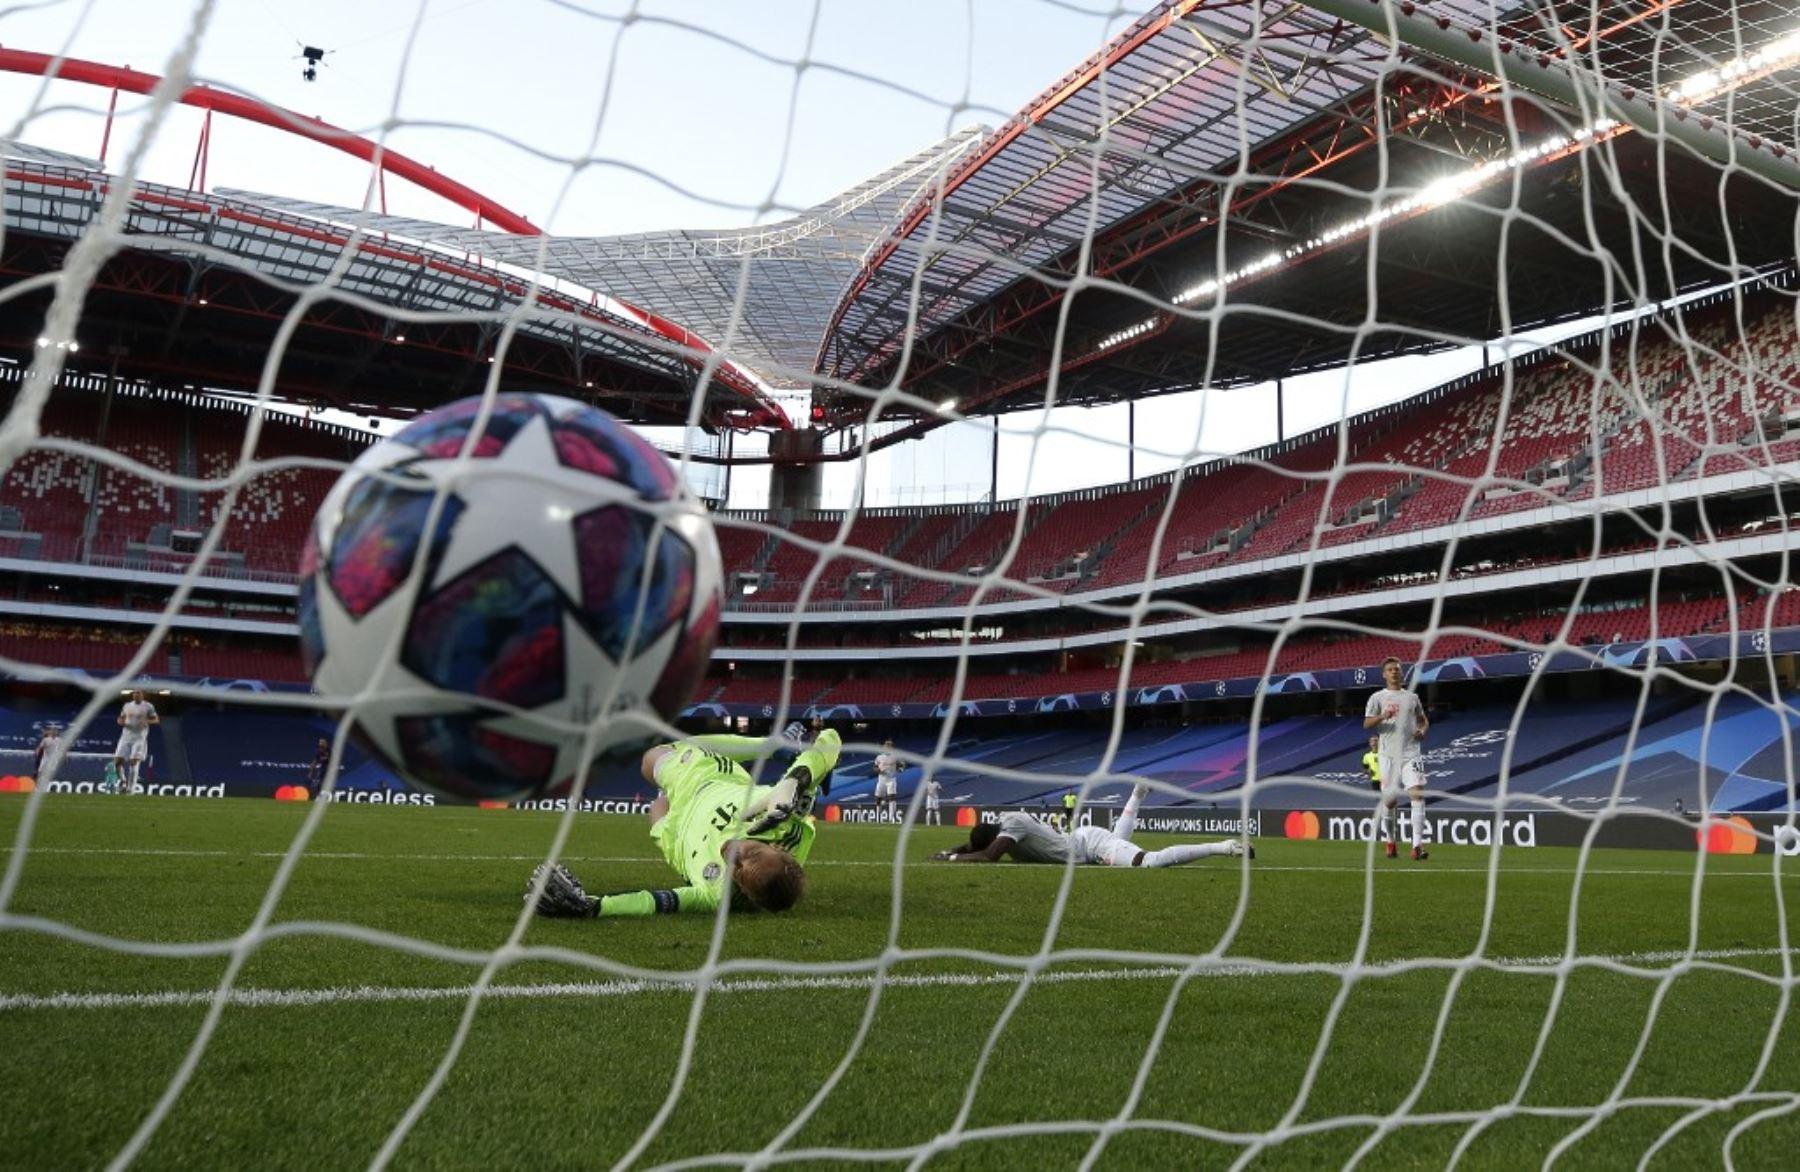 El portero alemán del Bayern Múnich, Manuel Neuer, concede un gol en propia meta durante el partido de fútbol de cuartos de final de la Liga de Campeones de la UEFA entre el Barcelona y el Bayern Múnich en el estadio Luz de Lisboa.Foto:AFP